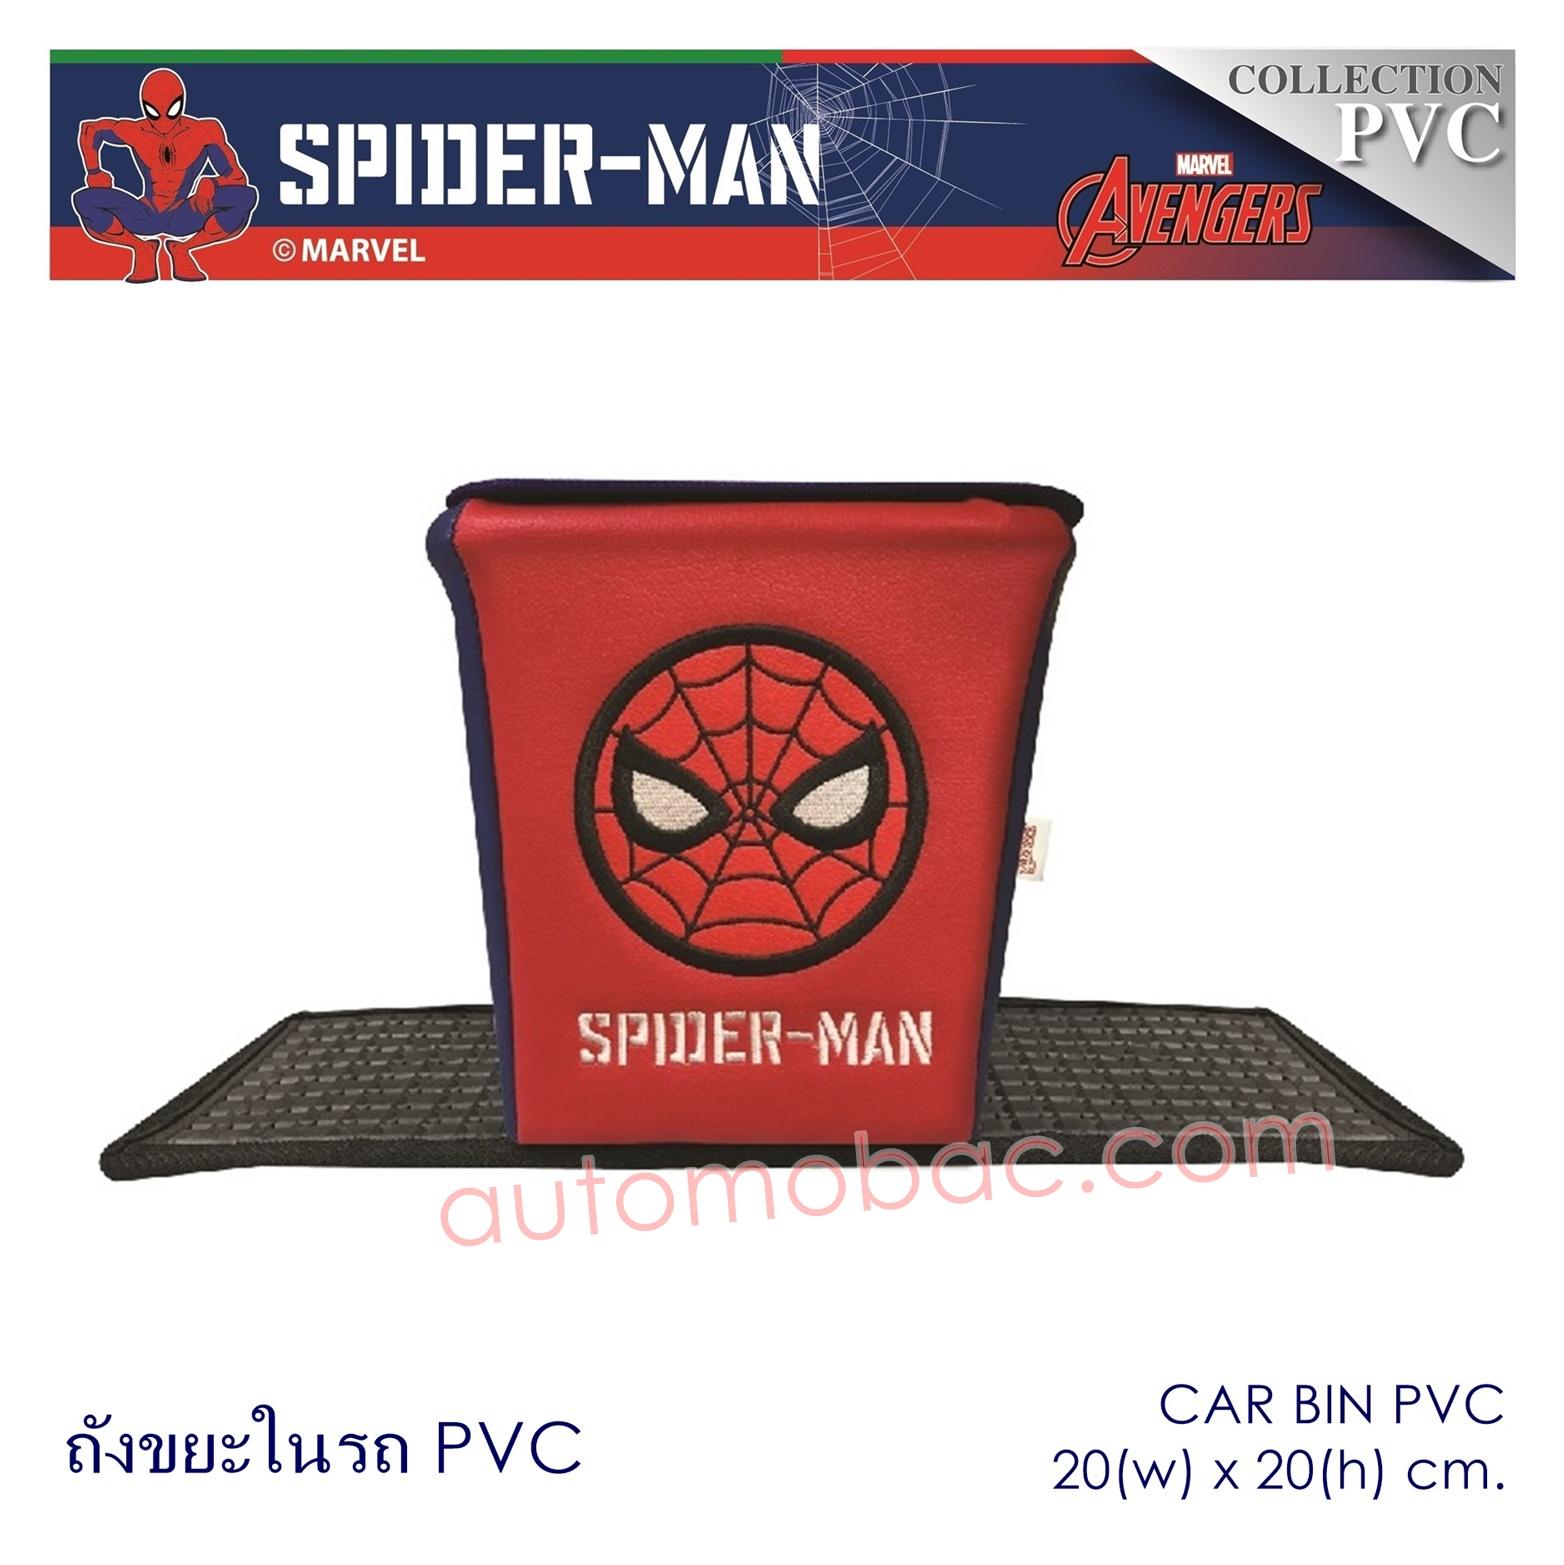 Spider-man ถังขยะในรถ PVC ด้านนอกผลิตจาก PVC เกรด A มีแผ่นยางพลาสติก กันลื่น ทำความสะอาดง่าย